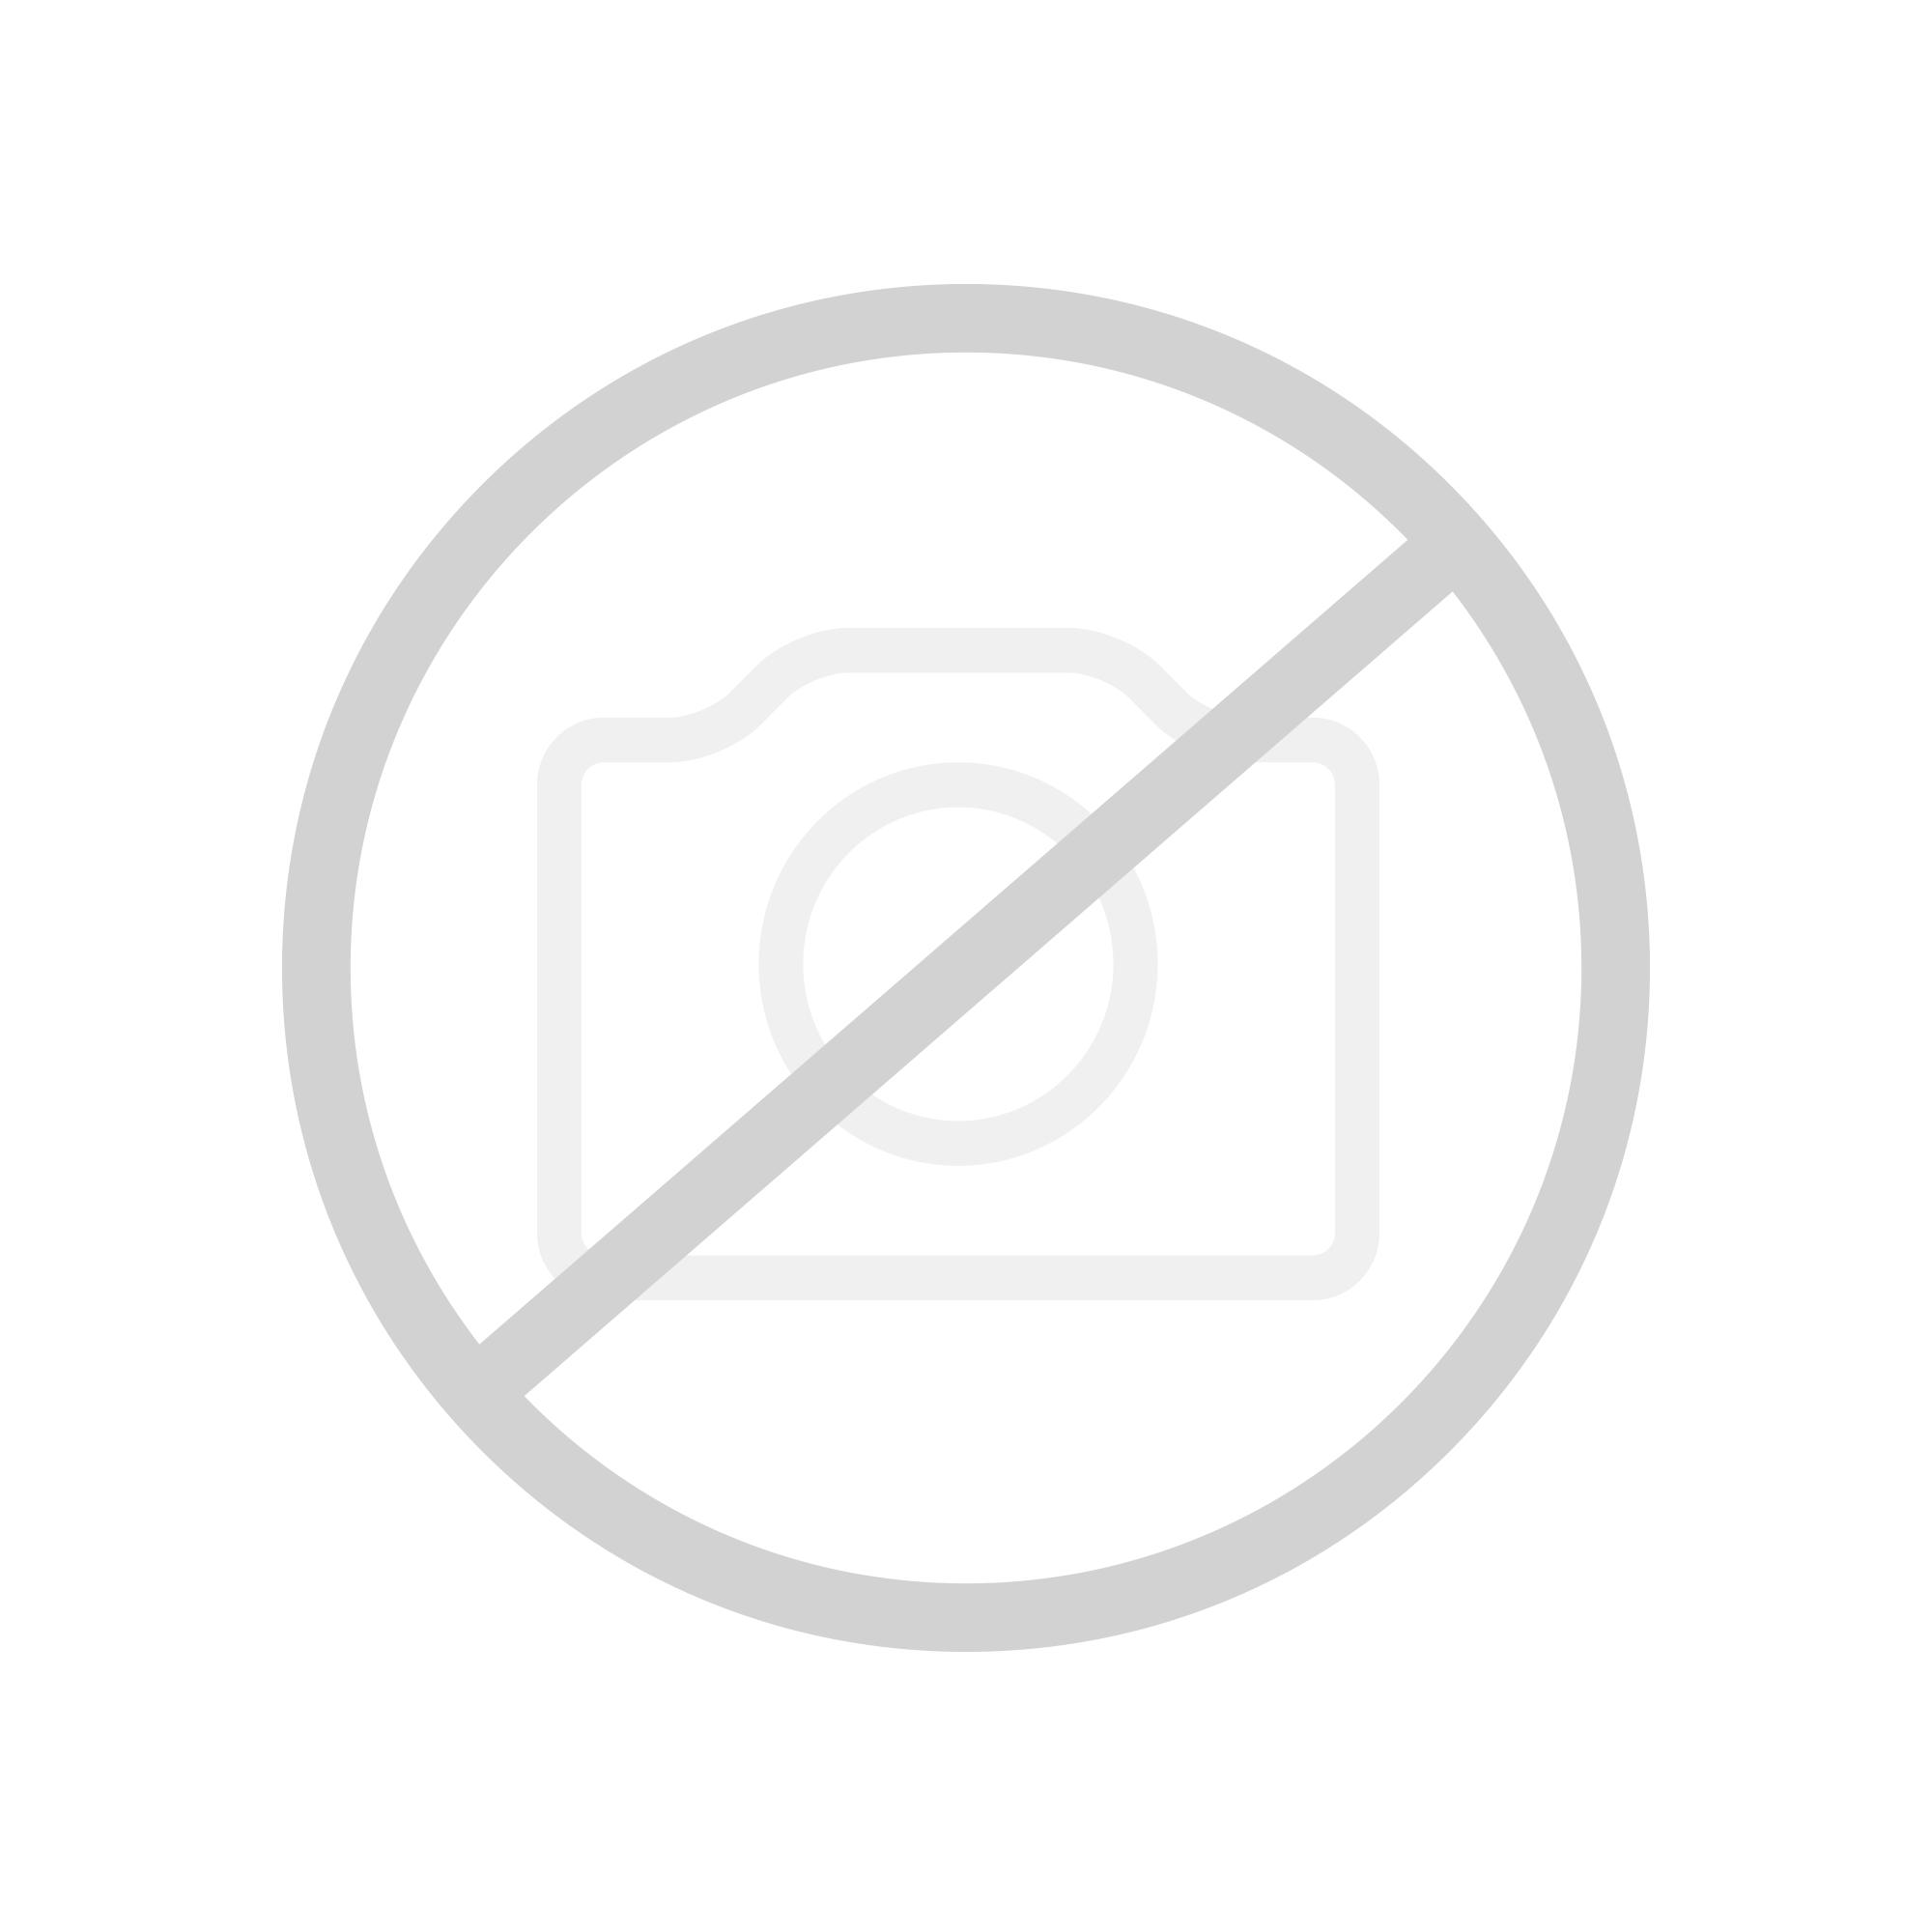 V&B freistehende Badewannen bei REUTER | {Freistehende badewanne rund 91}